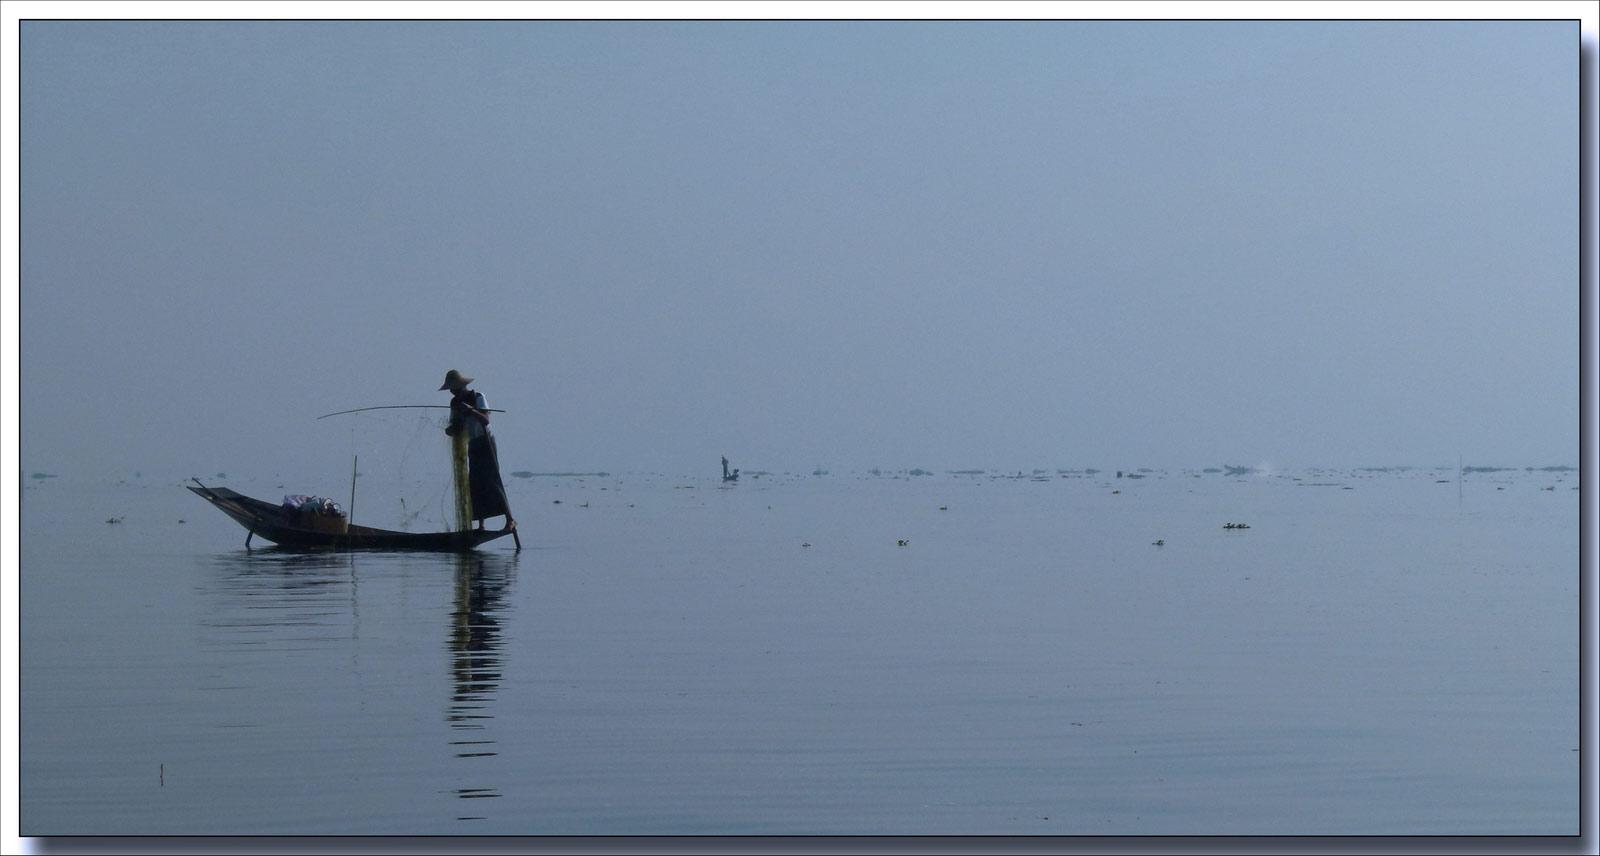 tjs sur le lac Inle et contre jour P1310799bis02cp